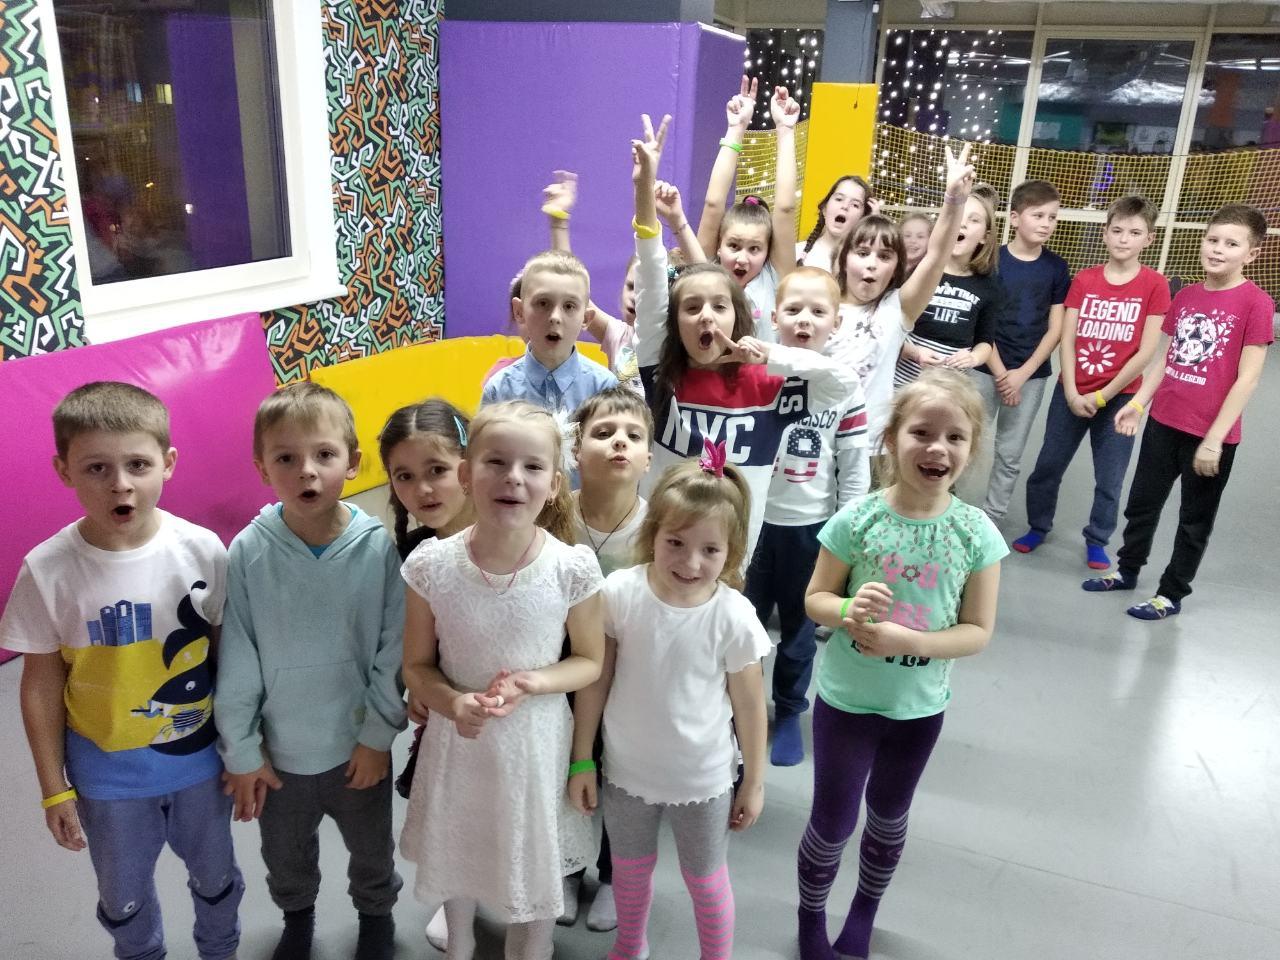 200 тисяч щасливих гостей: як «Чубі Буму» вдається дарувати радість дітям і їх батькам (ФОТО)